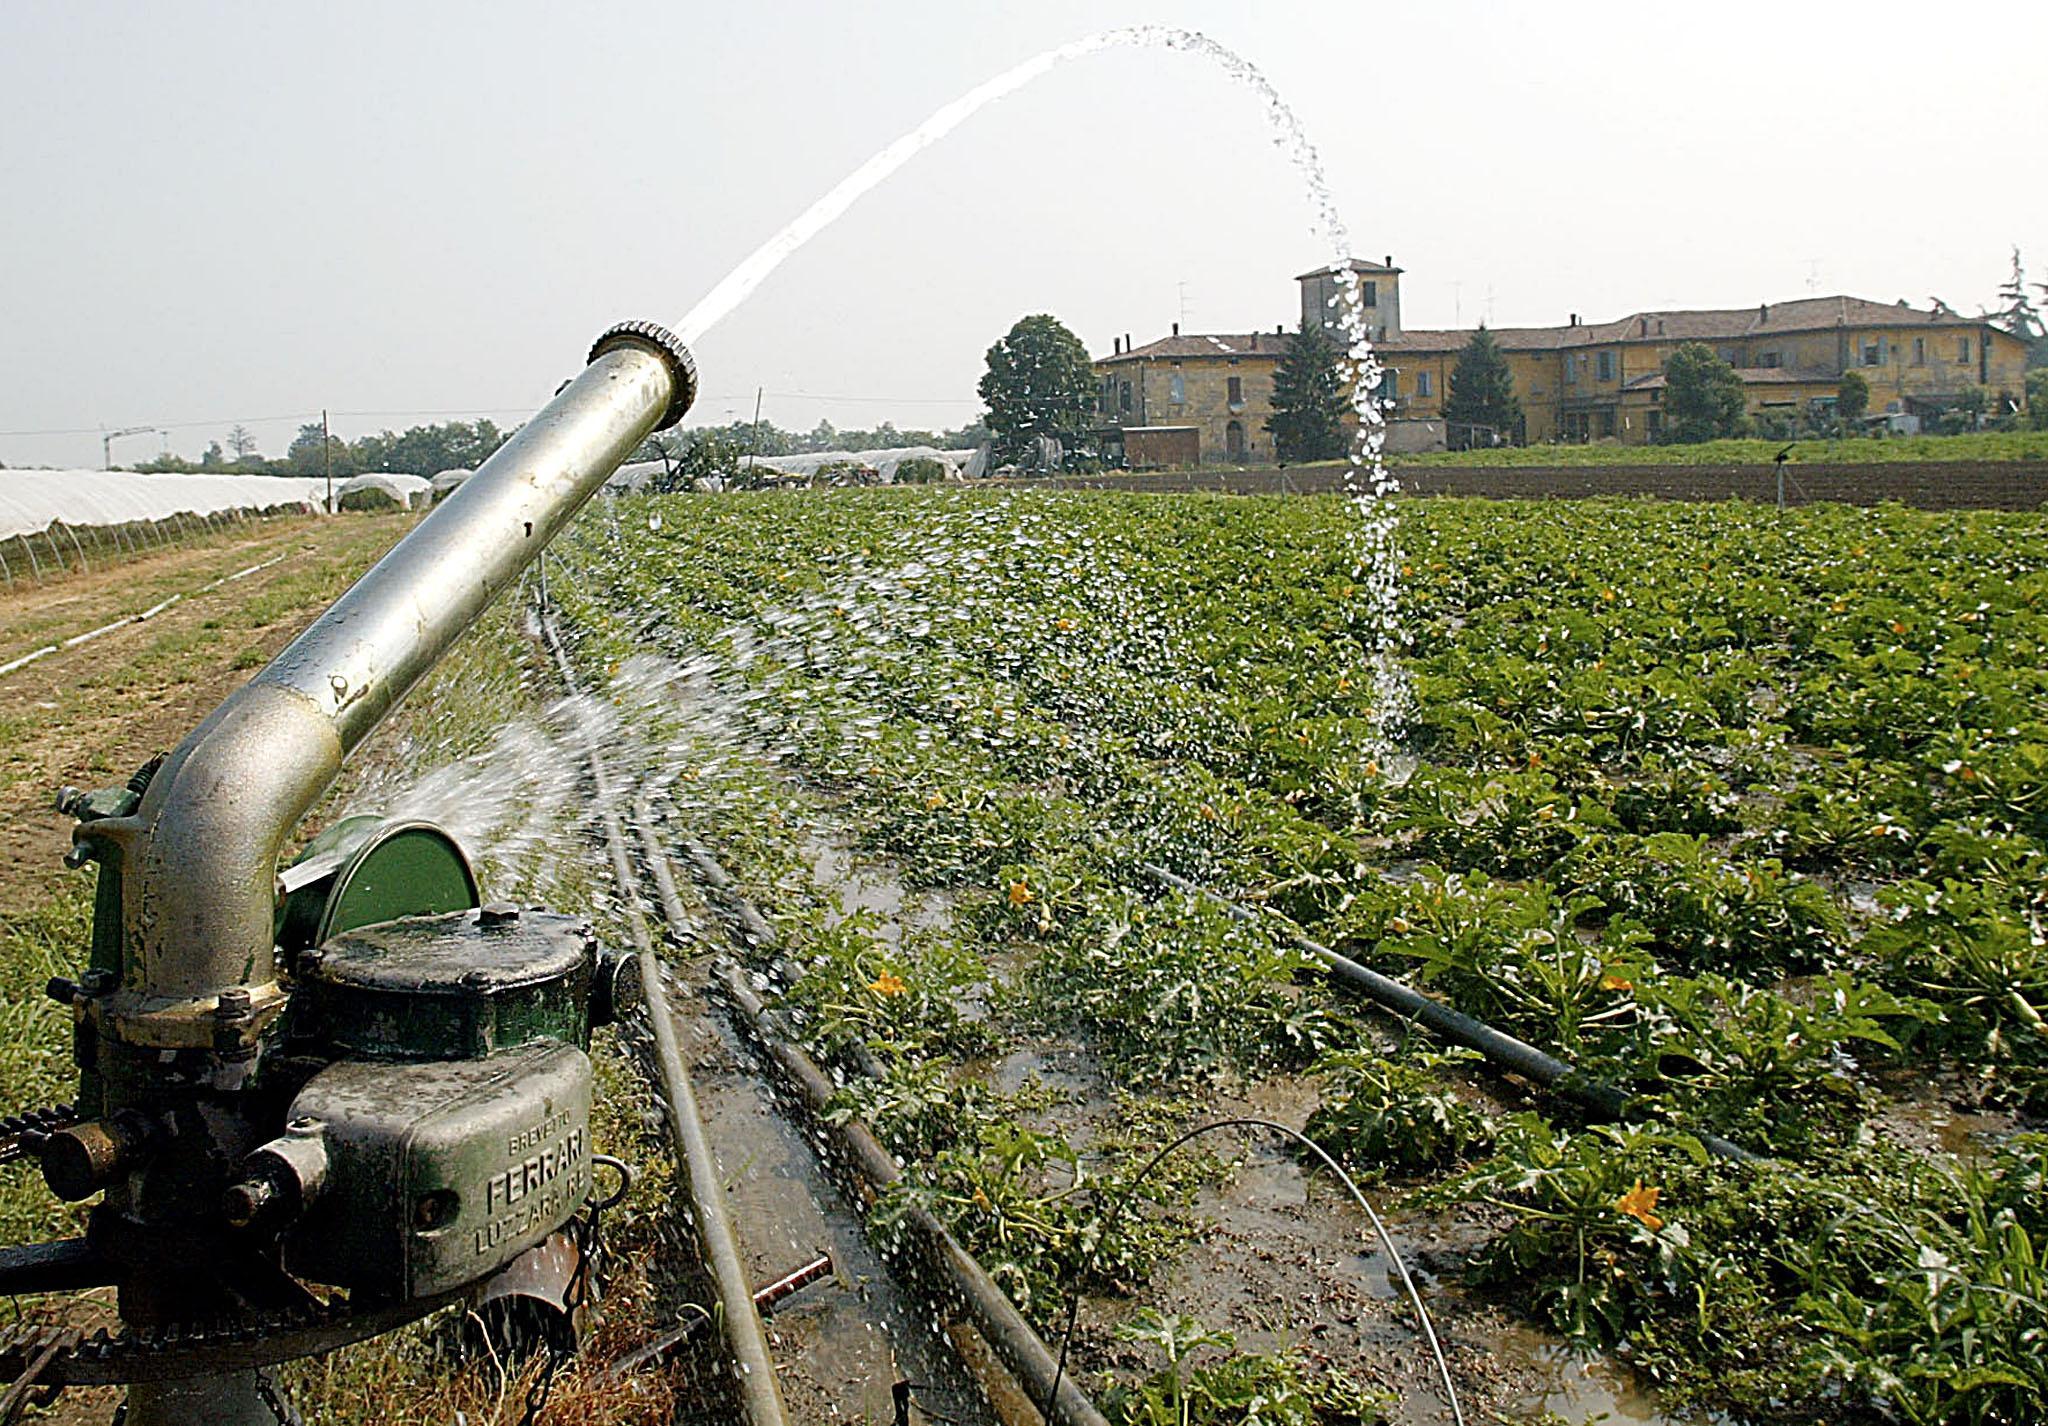 Irrigazione nell'agro Pontino: le acque all' arsenico mettono a rischio le produzioni agricole (foto Ansa)